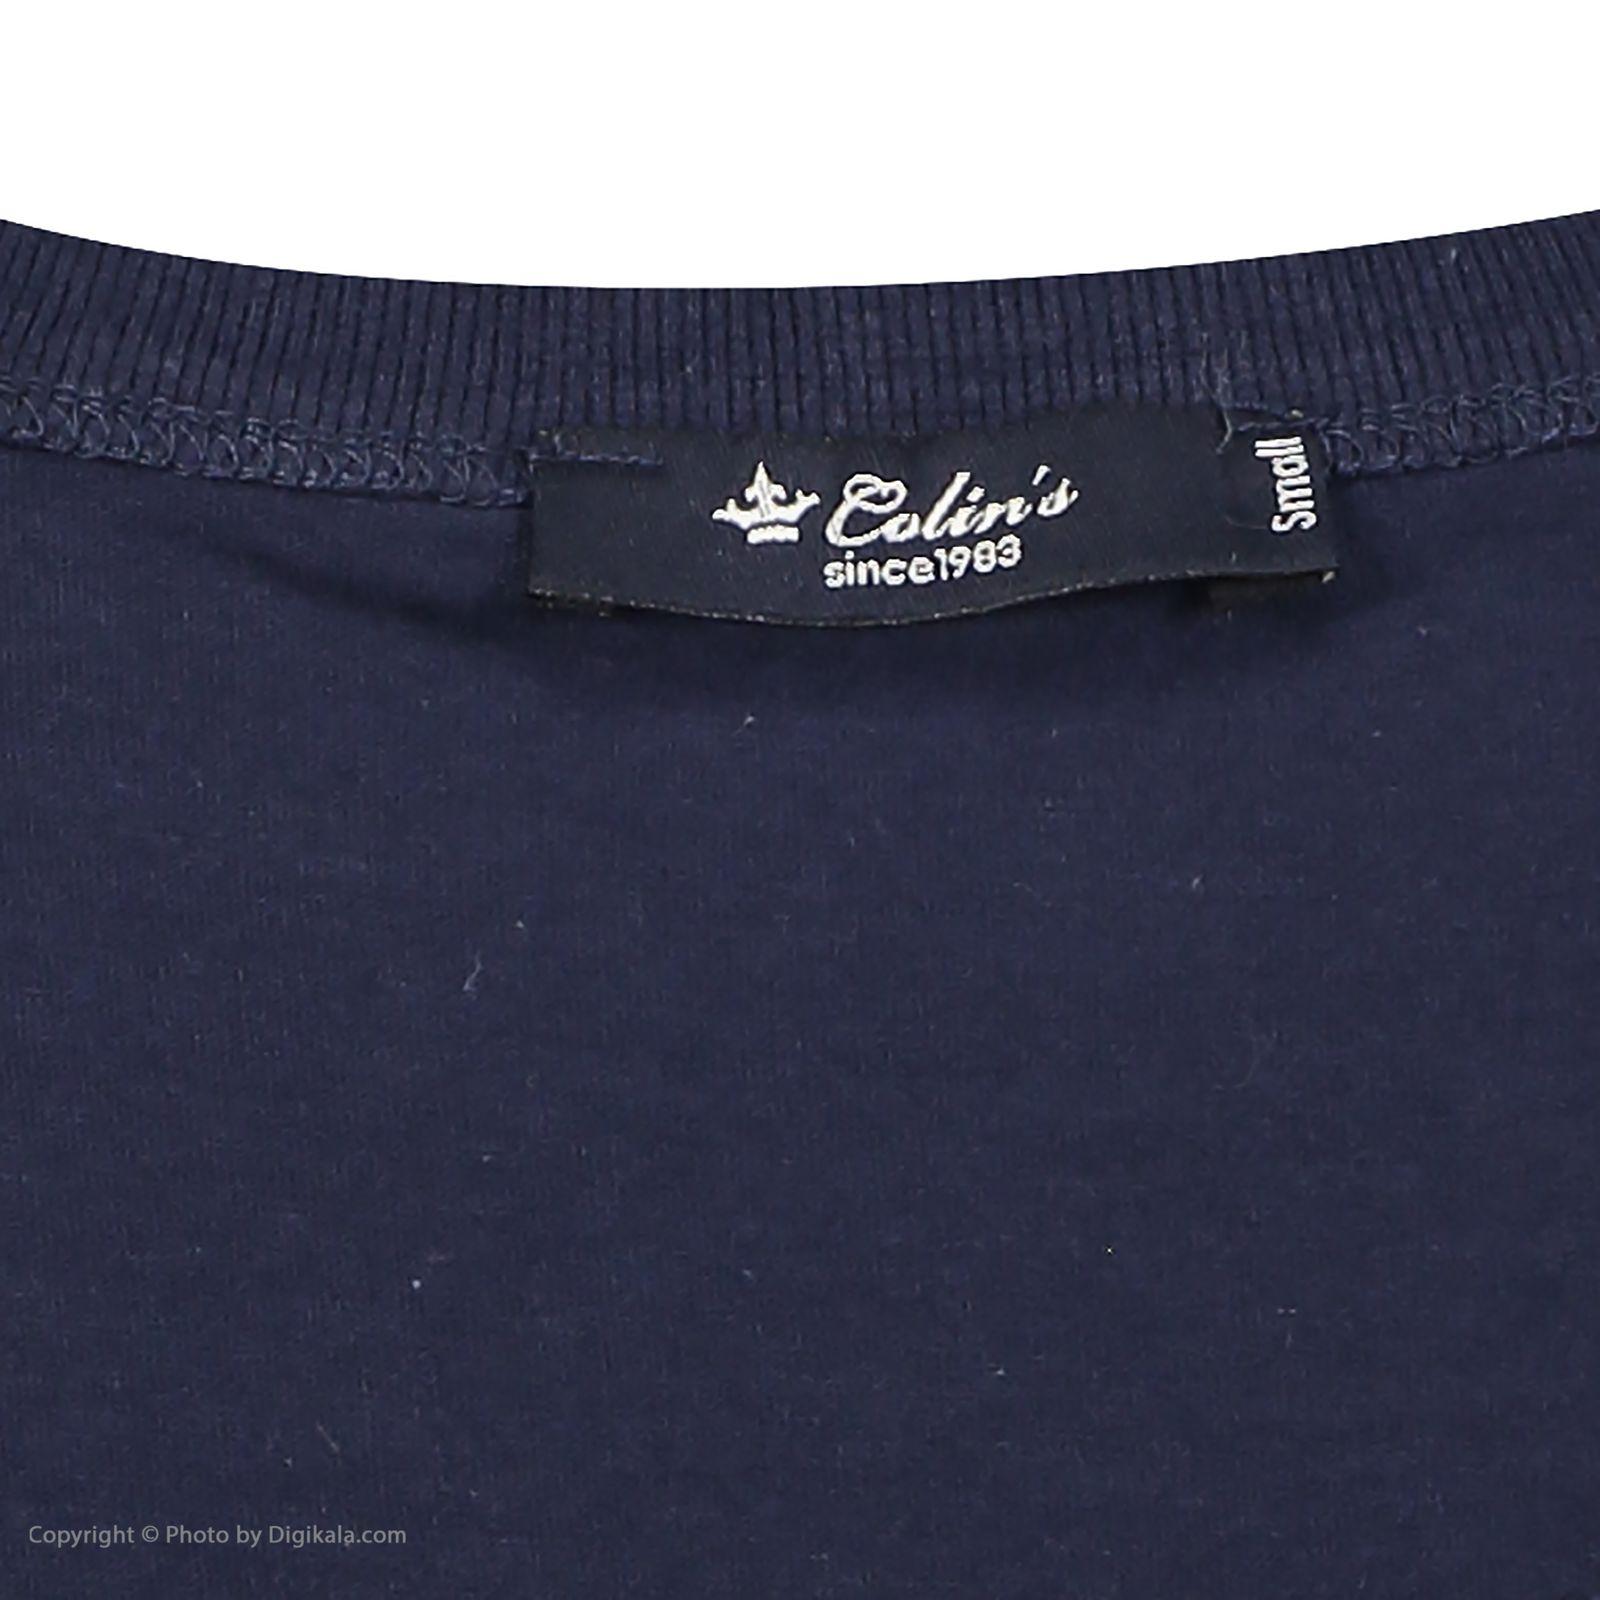 تی شرت زنانه کالینز مدل CL1032829-NAV main 1 5